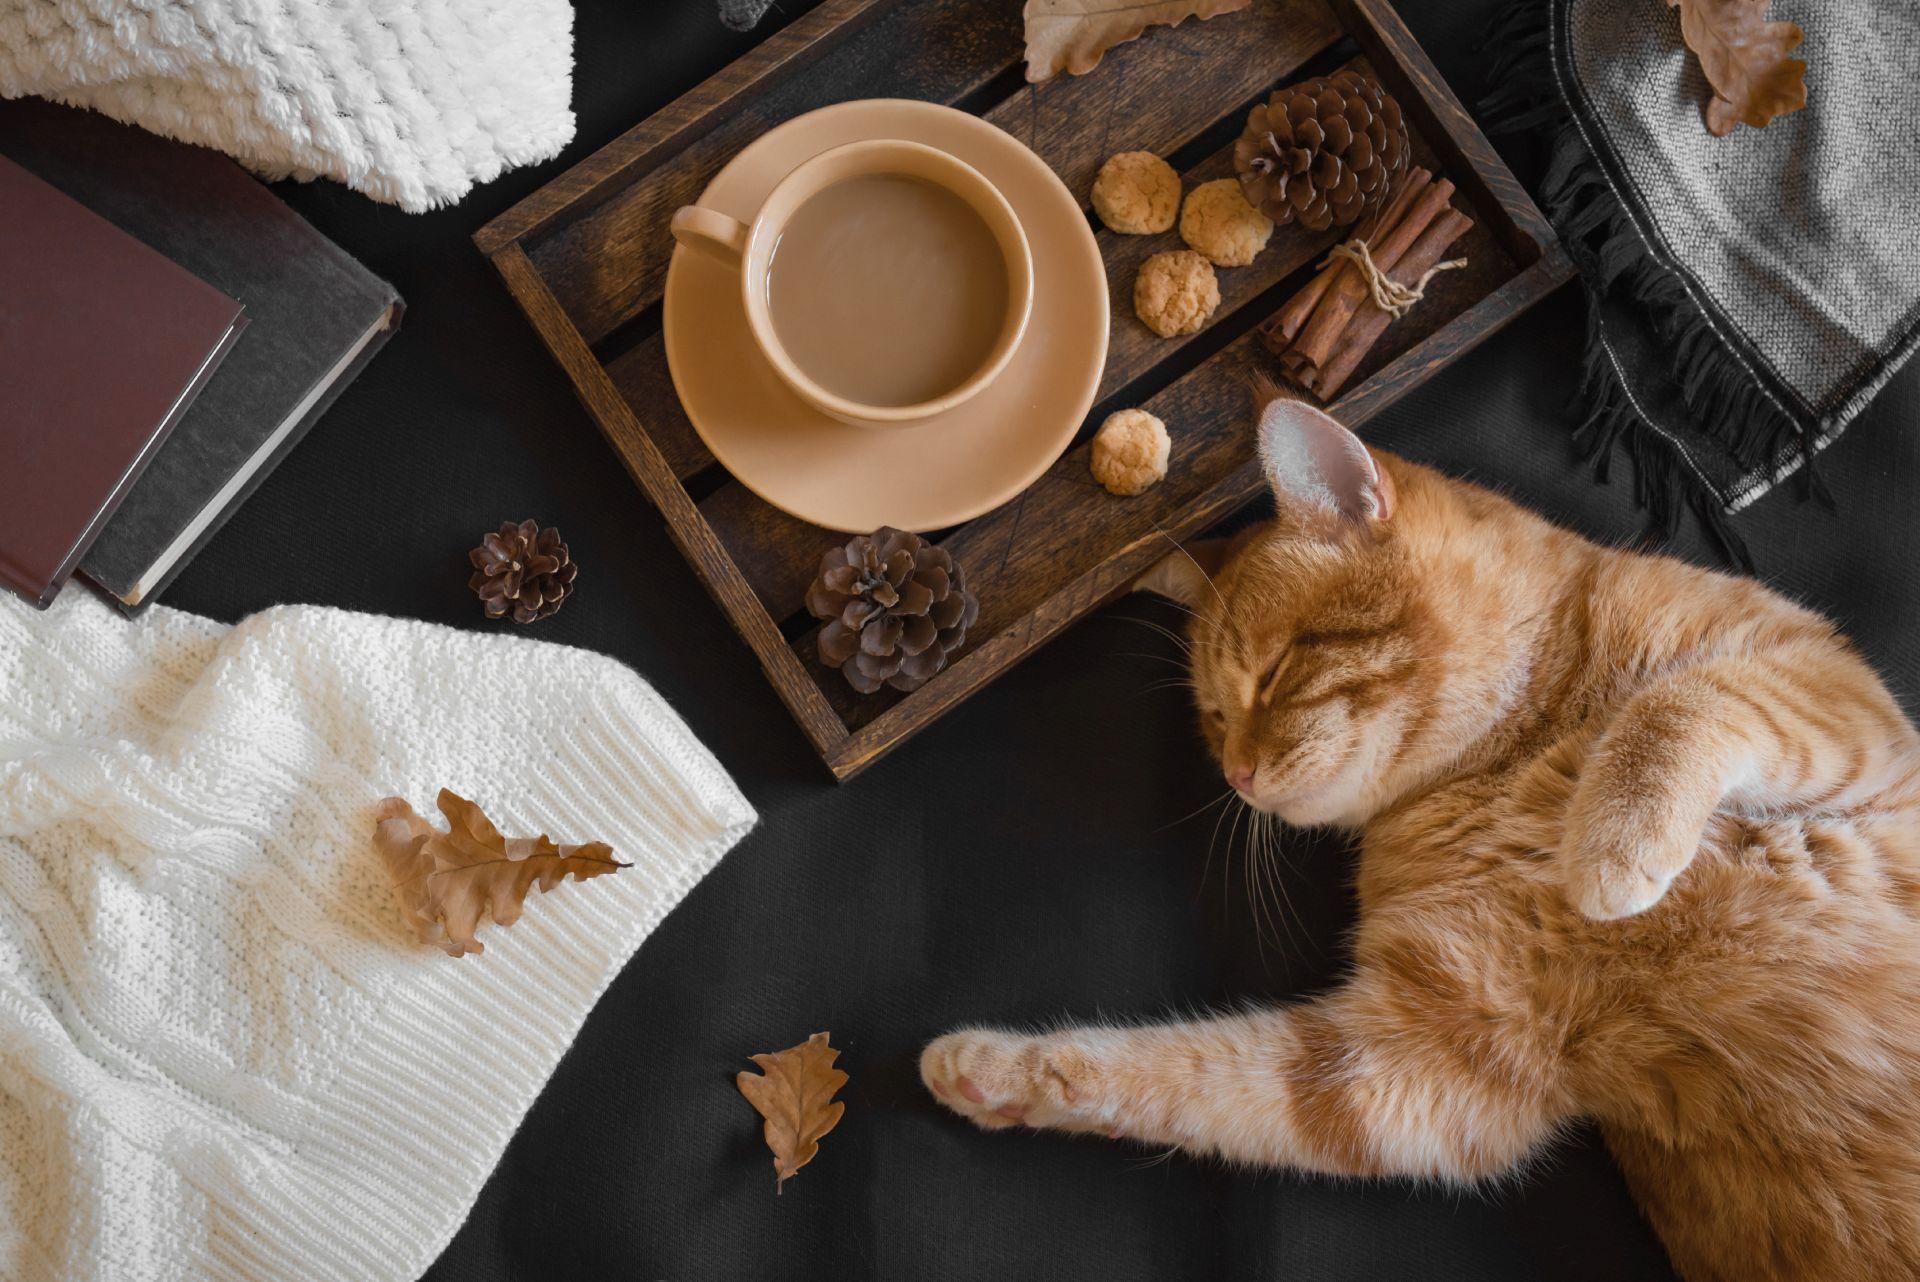 Katze liegt gemütlich neben Tablett & Decken